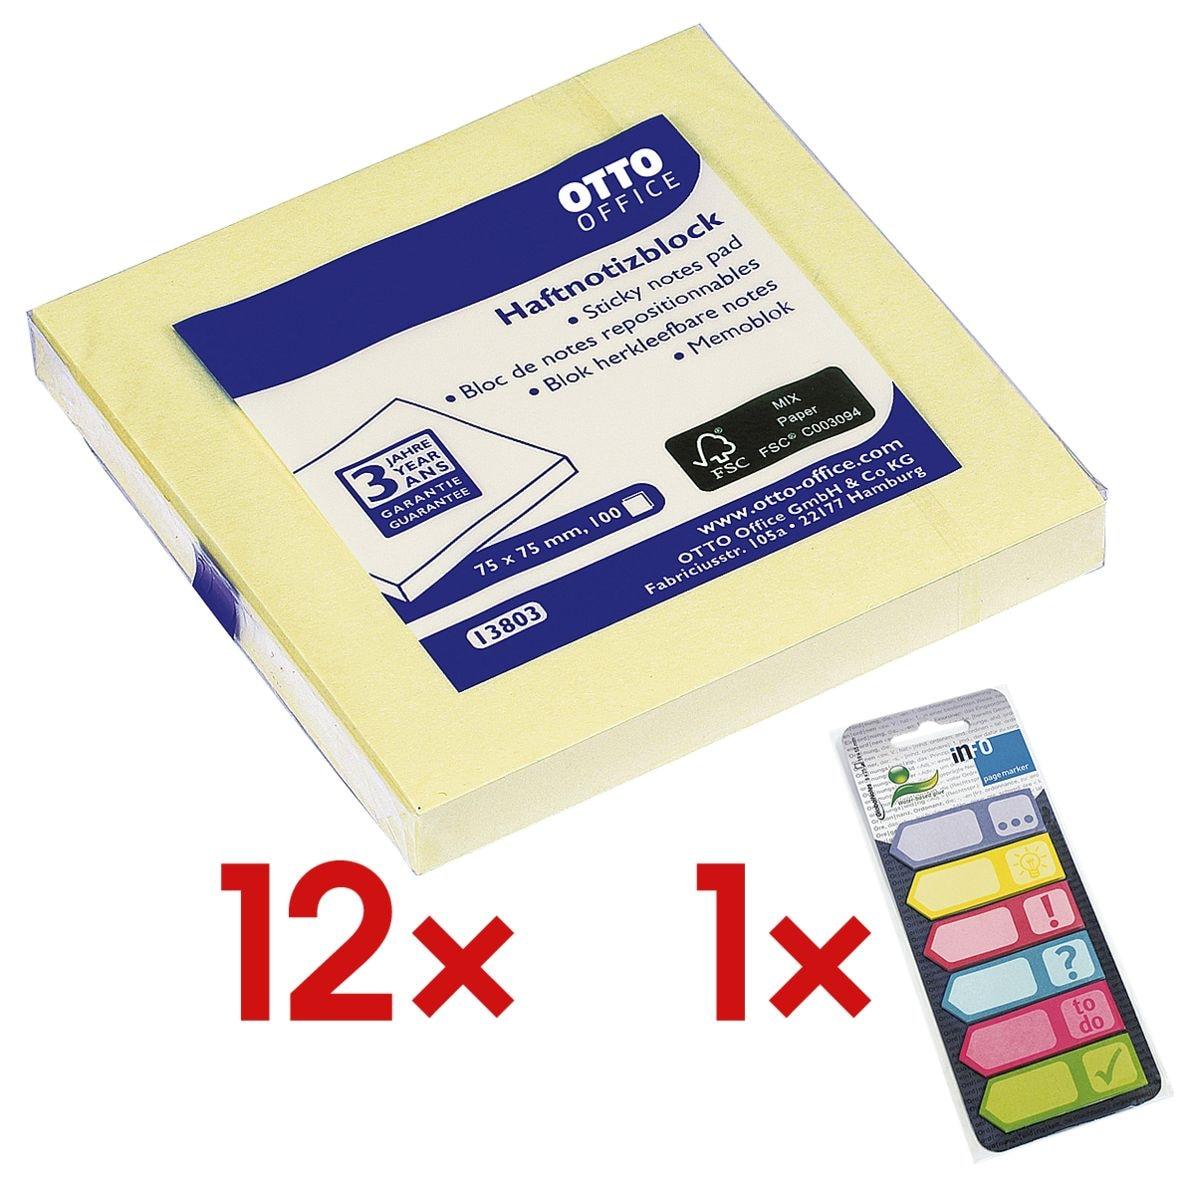 12x OTTO Office bloc de notes repositionnables 7,5 x 7,5 cm, 1200 feuilles au total, jaune avec Marque-pages 150 feuilles, papier, 50 x 18 mm